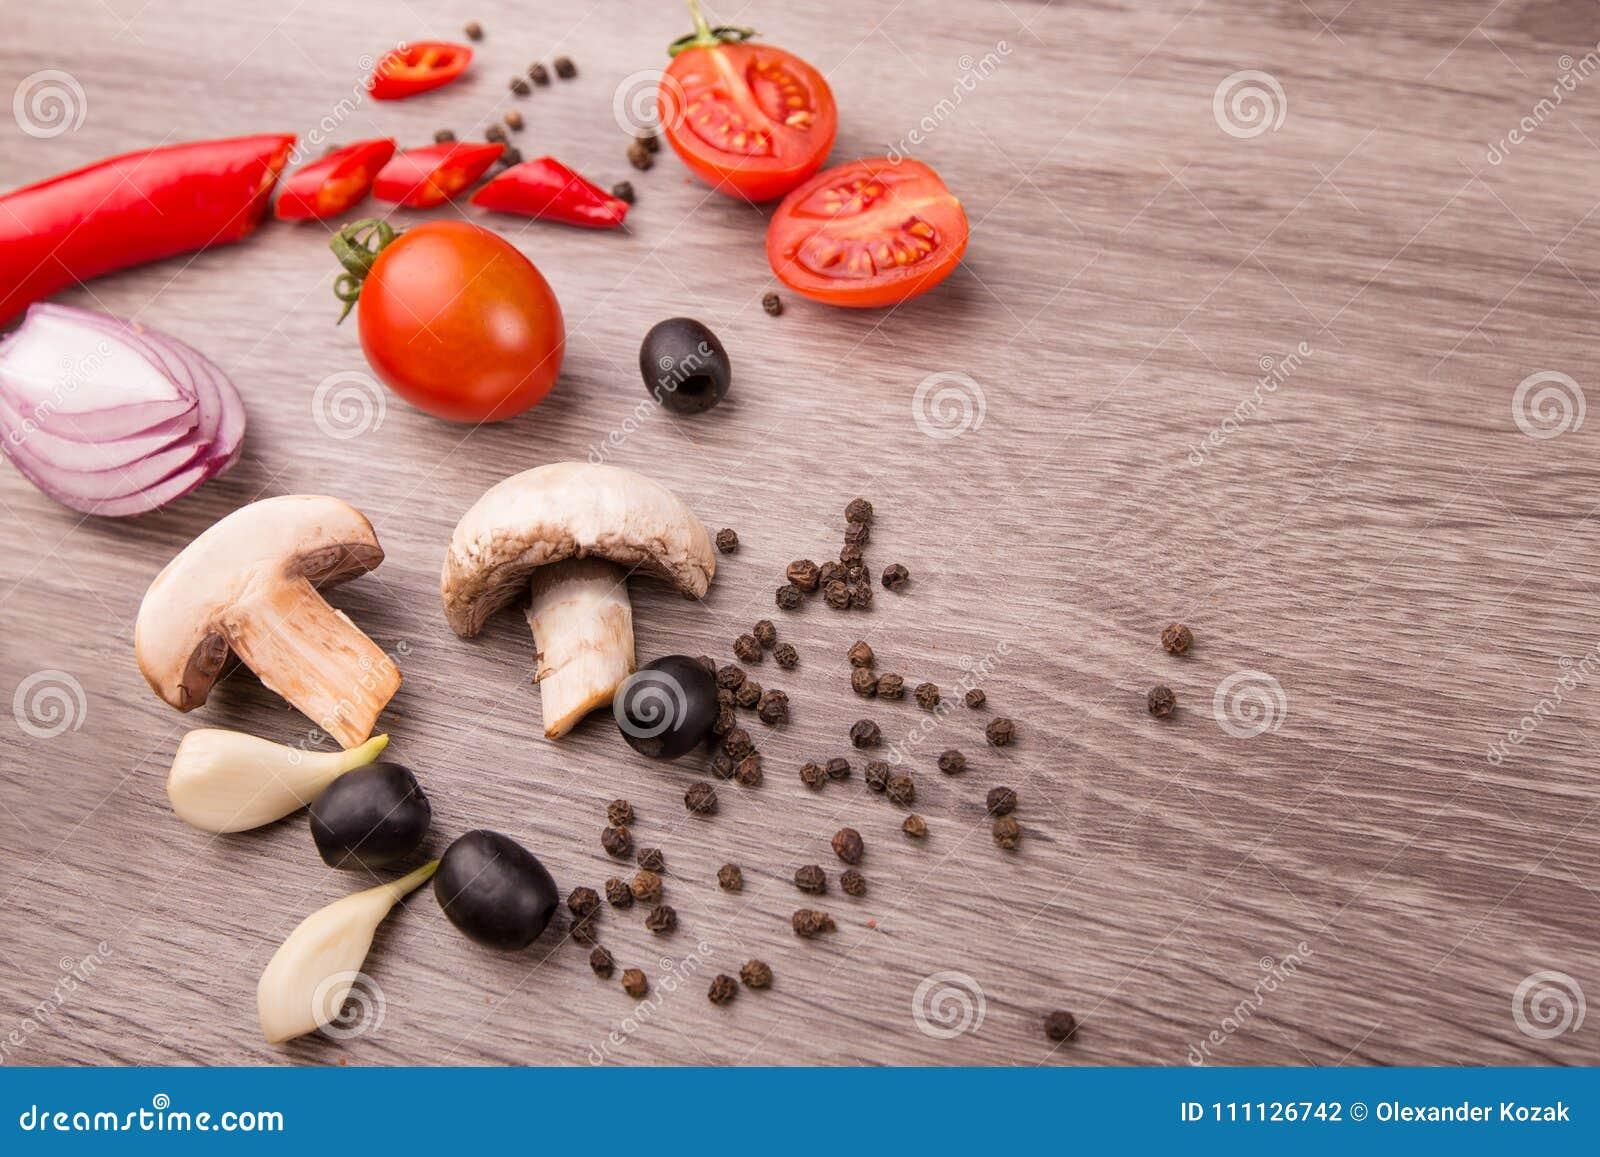 Sund matbakgrund/studiofoto av olika frukter och grönsaker på trätabellen